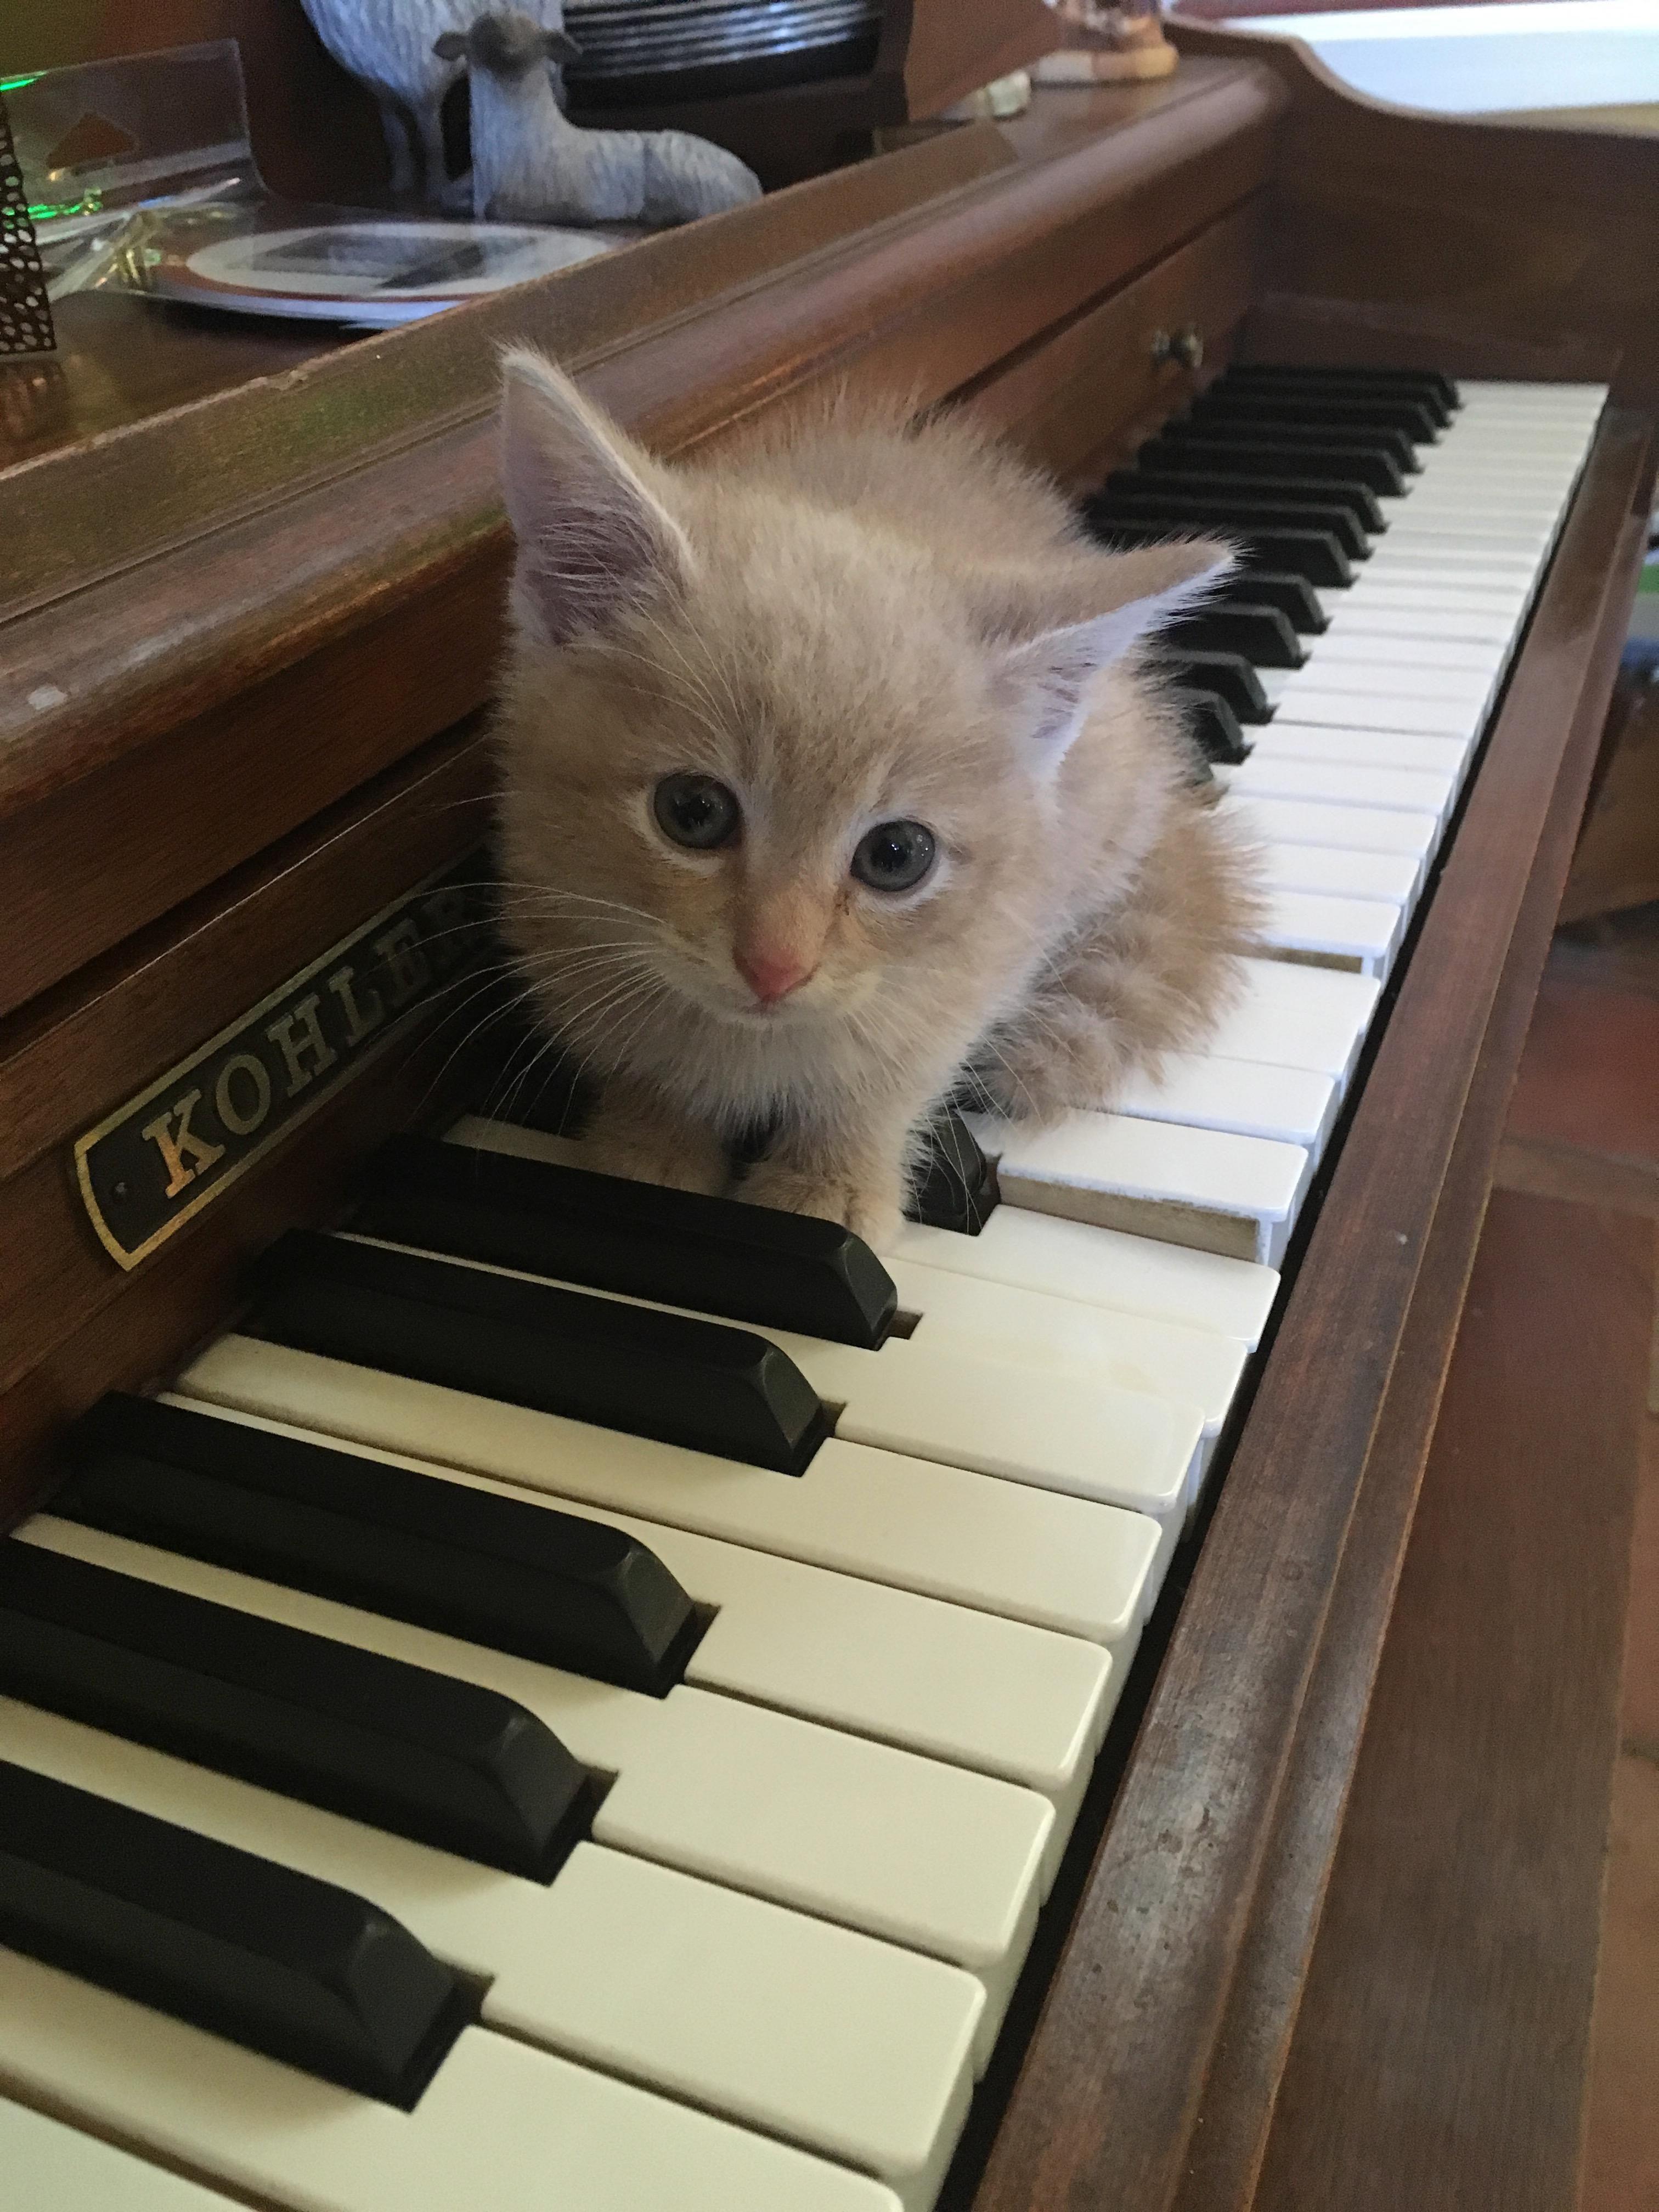 I Got Myself A Keyboard Kitten Https Ift Tt 2chye2m Kitten I Got This Cute Pictures